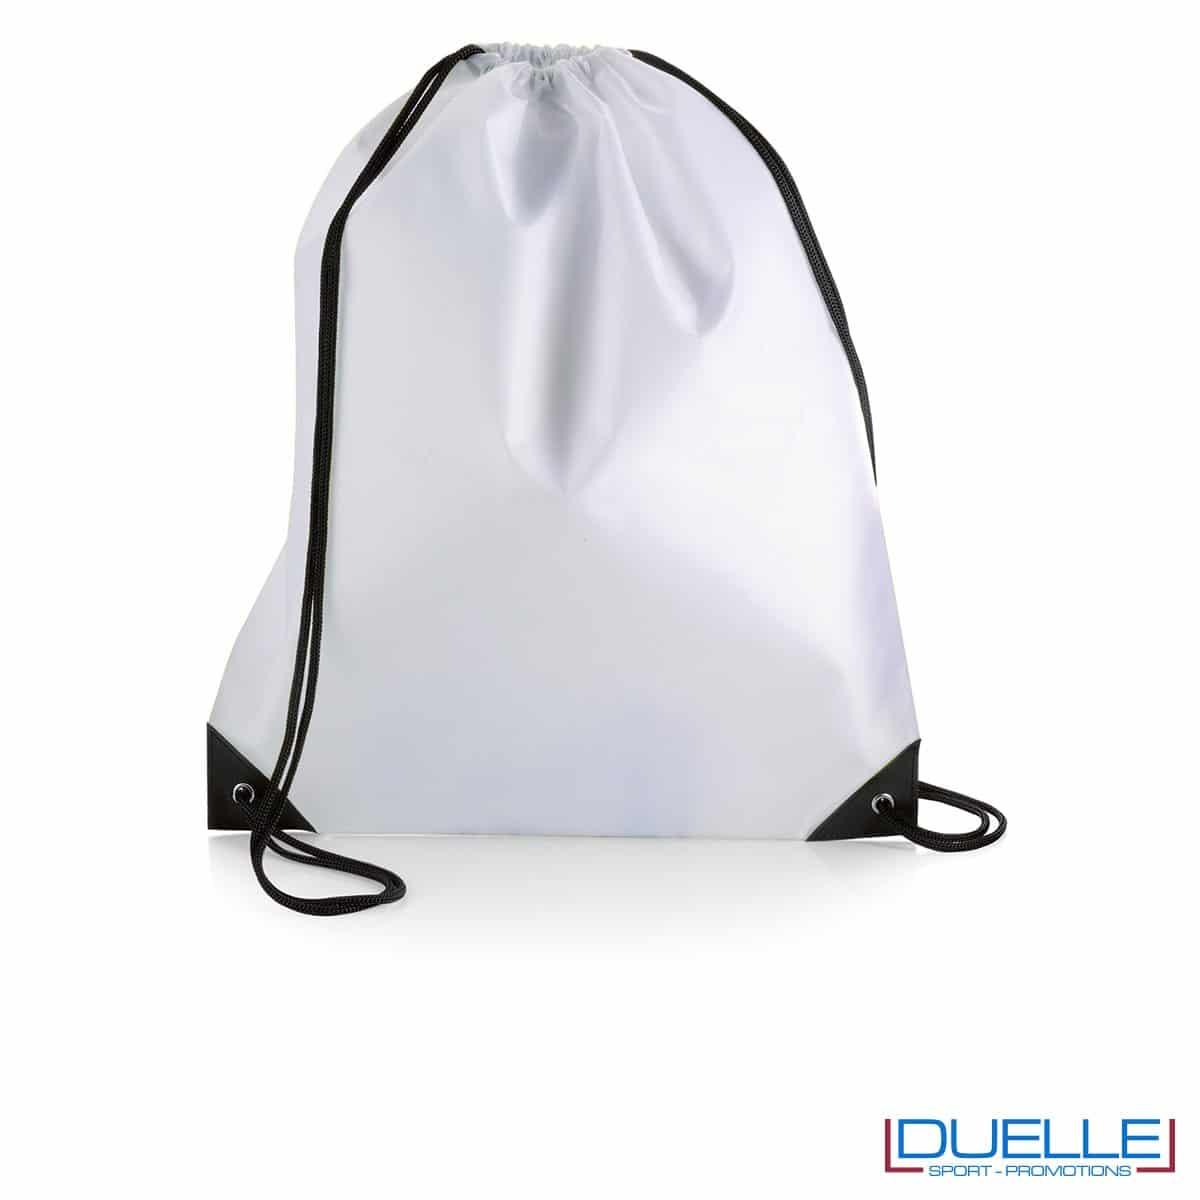 zainetto sportivo personalizzato in nylon colore bianco con rinforzi, gadget sportivi personalizzati